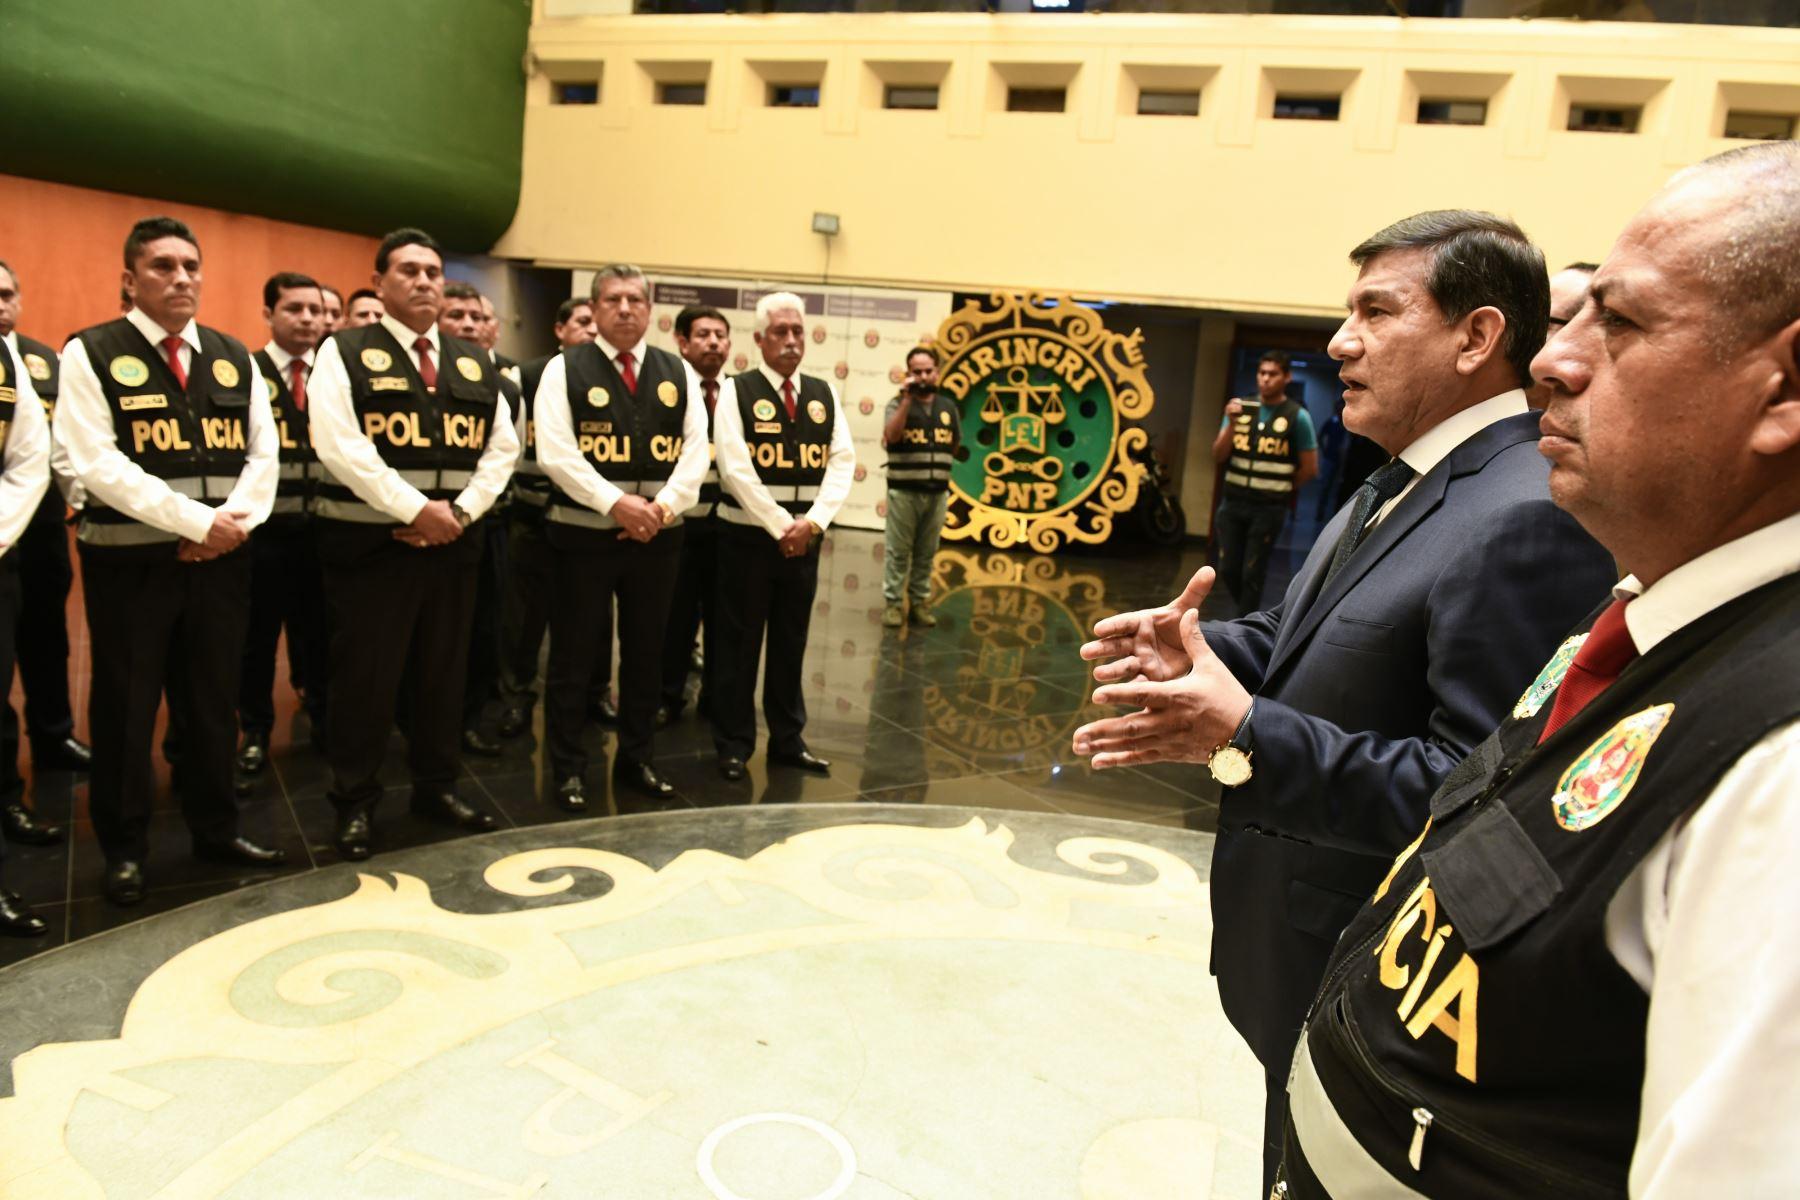 Ministro del Interior, Carlos Morán presenta la Brigada Especial contra la migración delictiva. Foto: ANDINA/Difusión